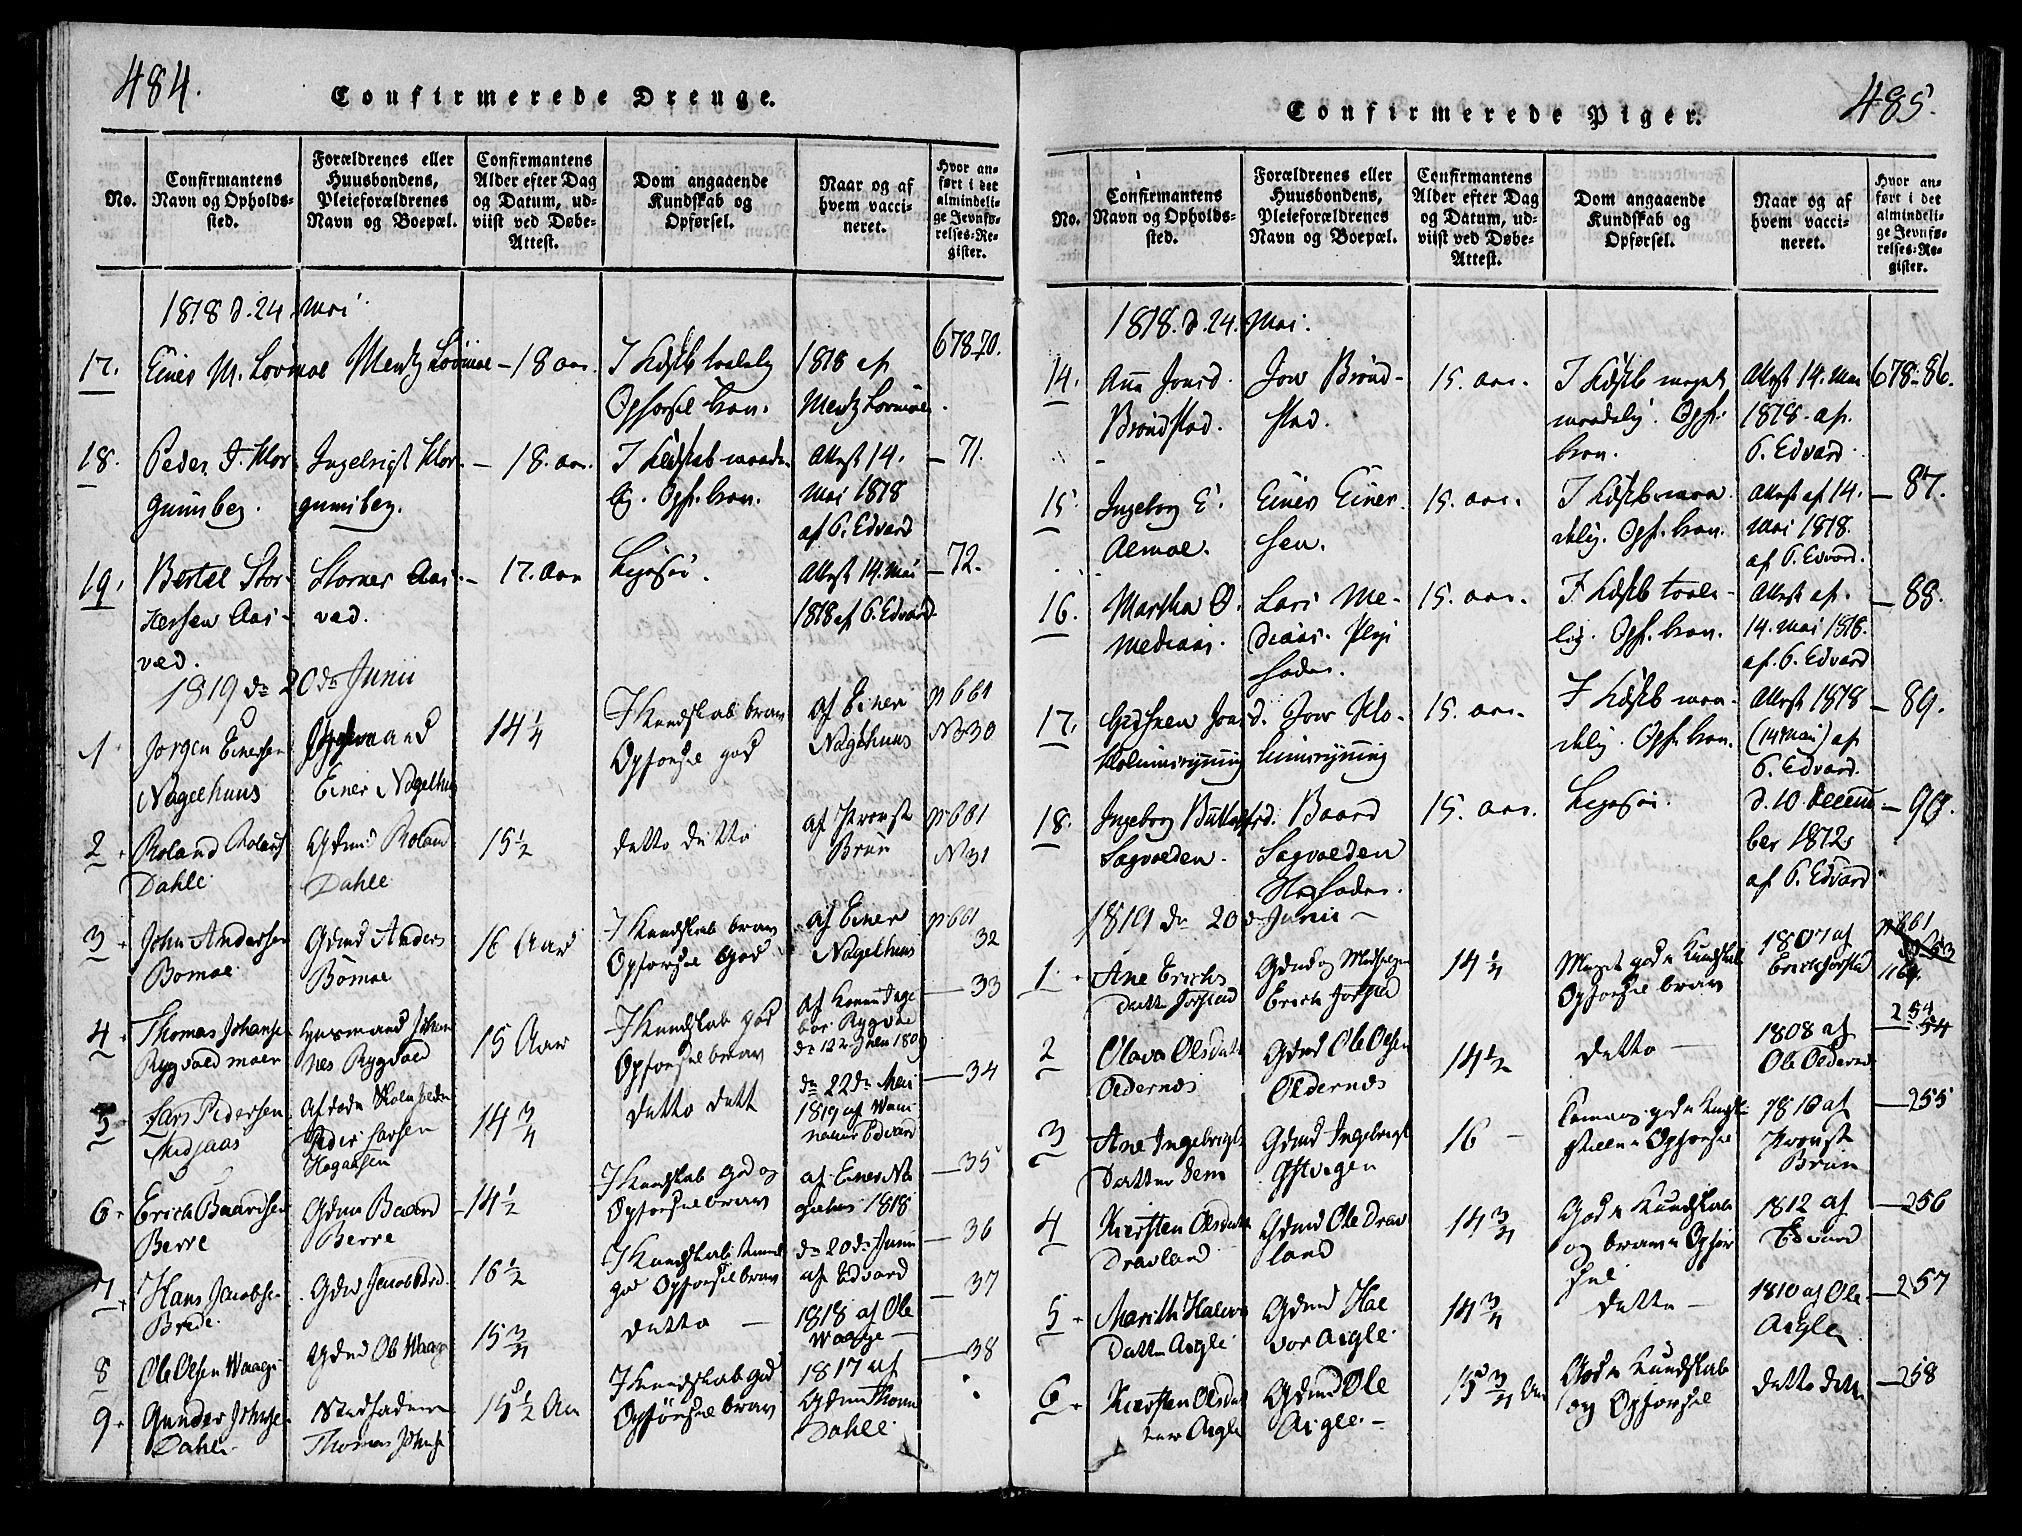 SAT, Ministerialprotokoller, klokkerbøker og fødselsregistre - Nord-Trøndelag, 749/L0479: Klokkerbok nr. 749C01, 1817-1829, s. 484-485